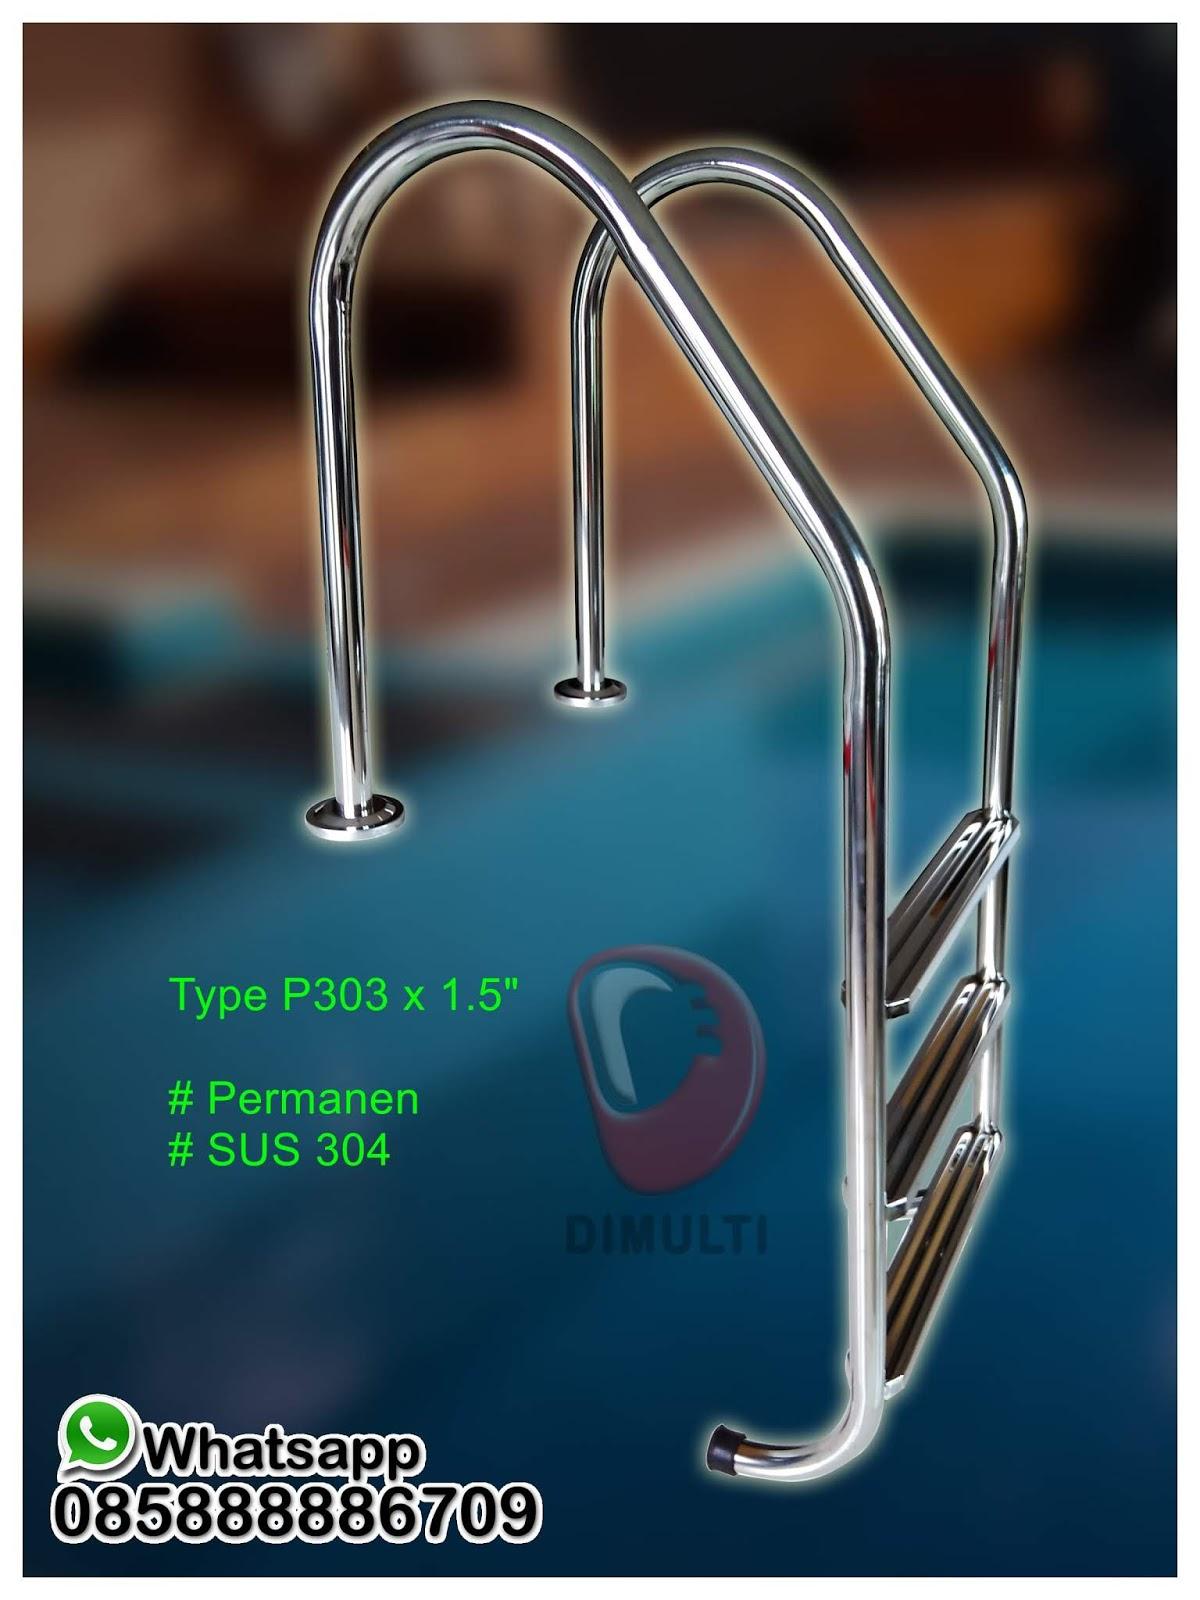 Tangga Kolam Renang Type P303 X 1.5